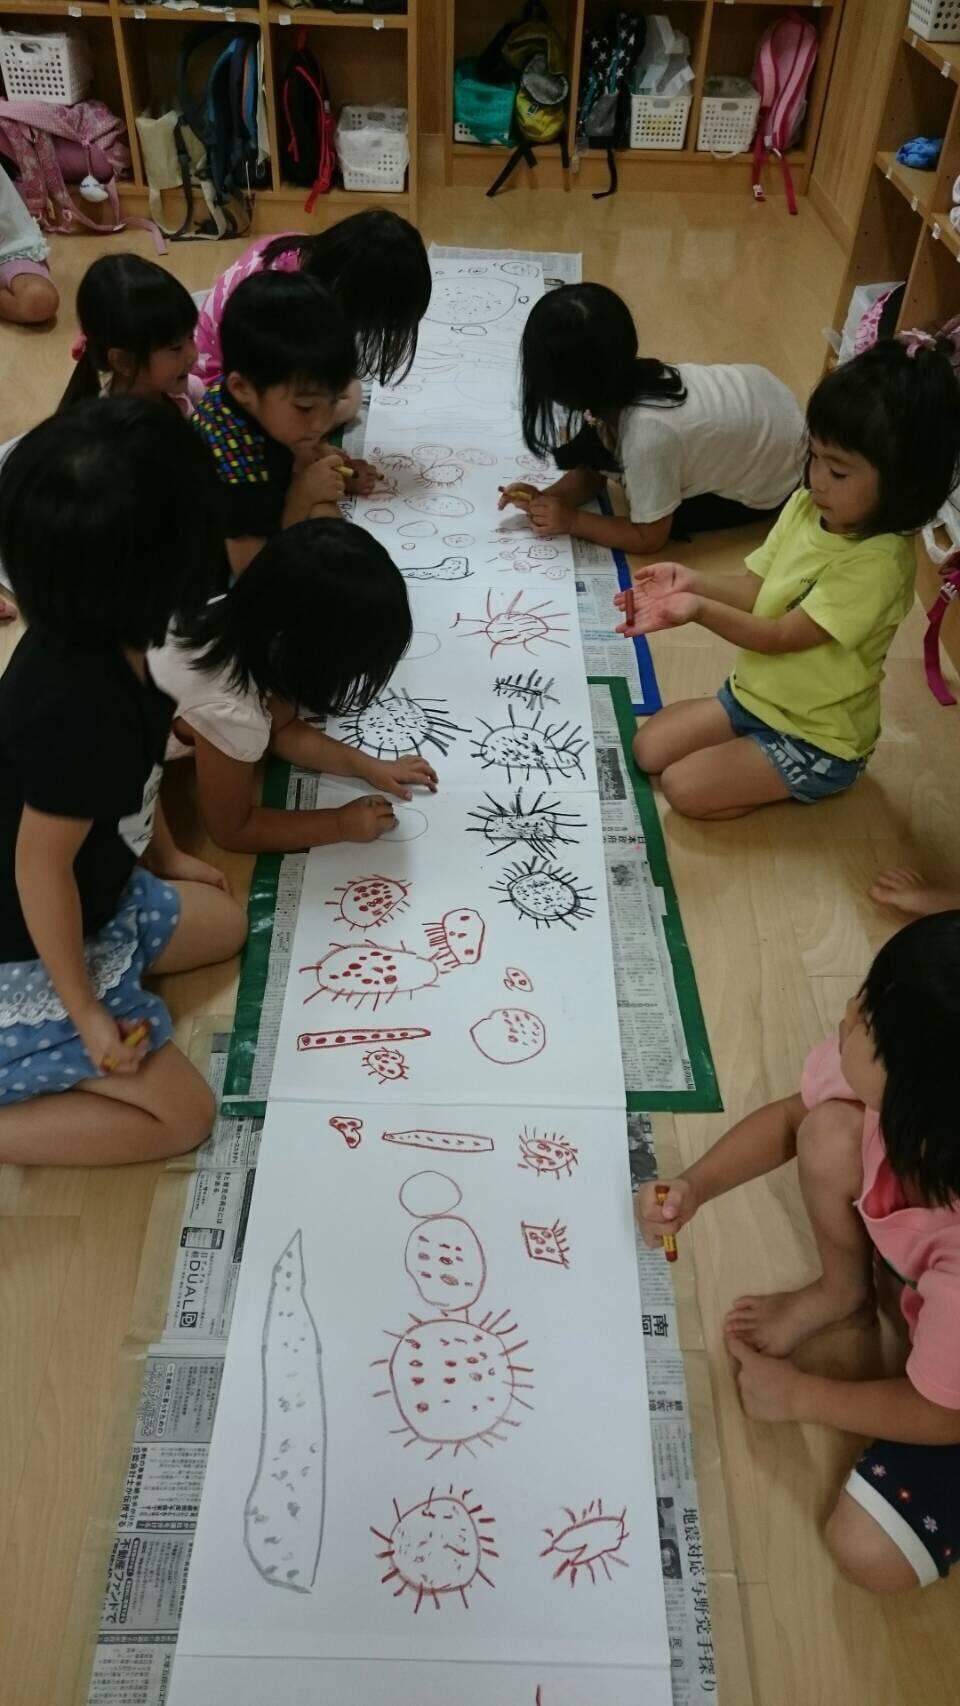 4歳児 らいおん組  お芋掘りの絵を描いたよ_c0151262_21374135.jpg